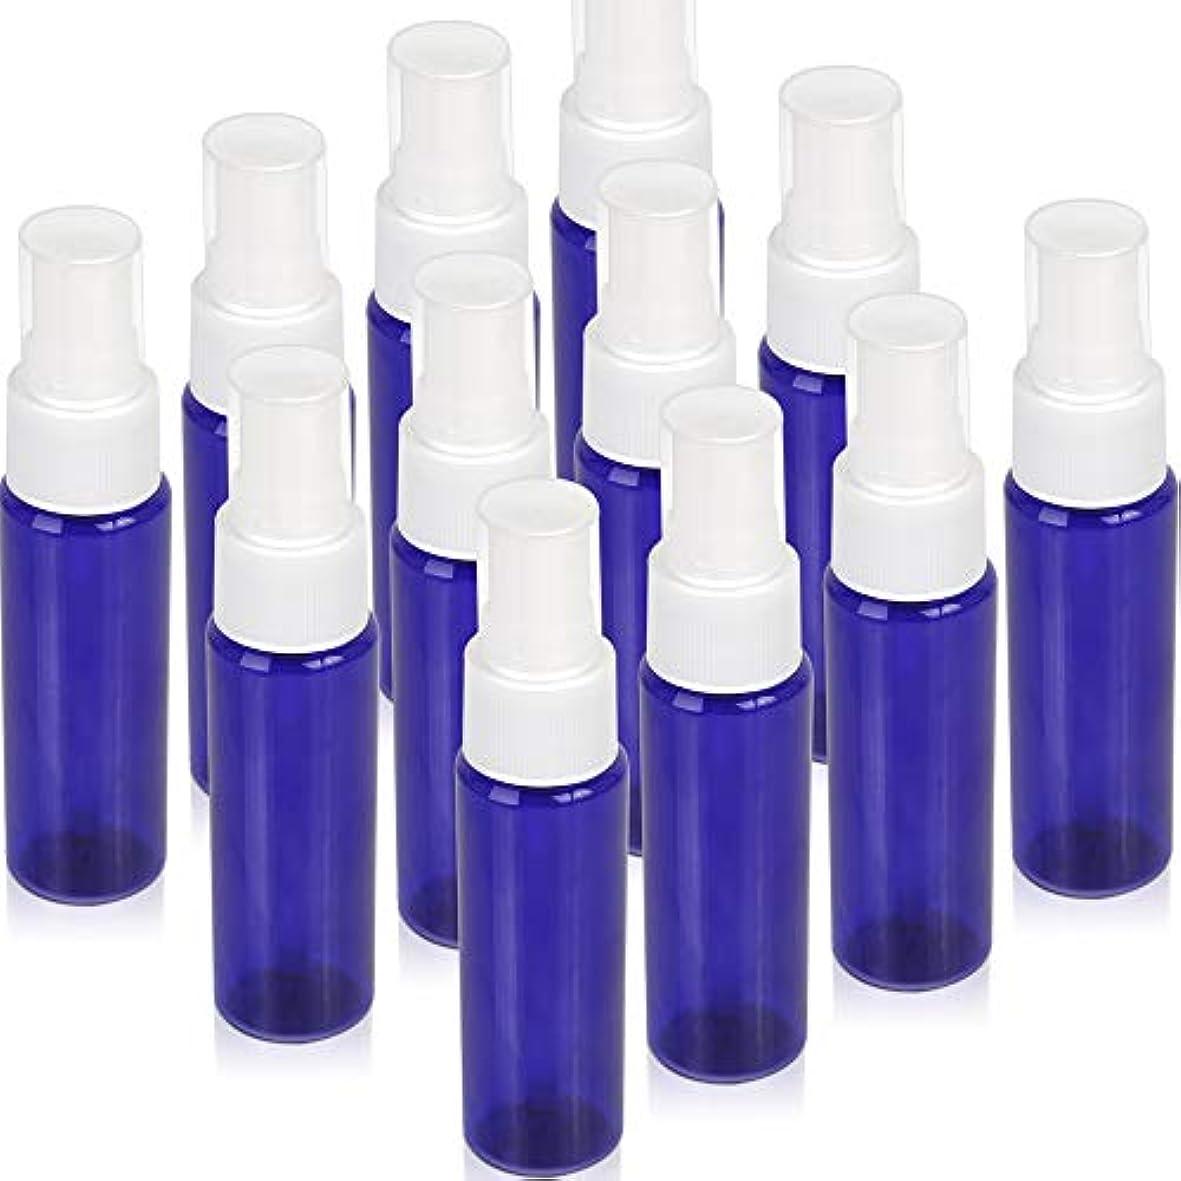 解放血色の良い受賞Teenitor スプレーボトル 30ml 12本 霧吹き アトマイザー スプレー容器 アロマスプレー 香水スプレー 詰め替え容器 キャップ付 青色 PET製